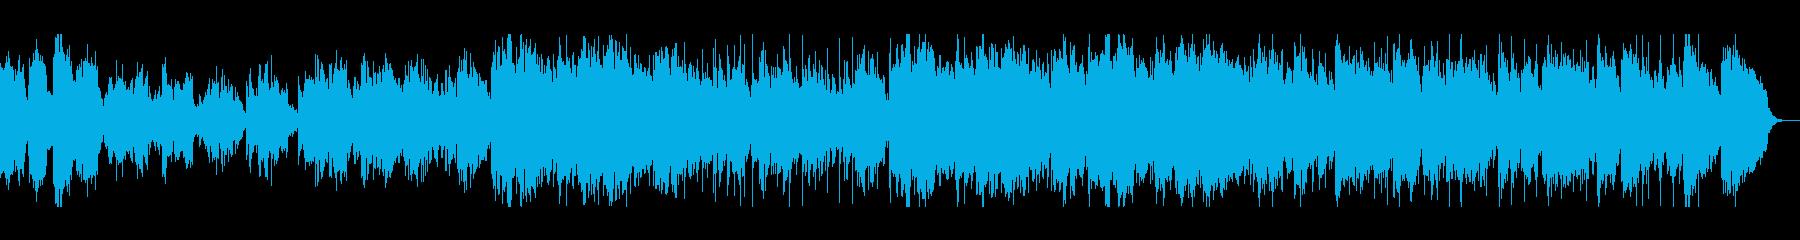 SAXが印象的なAORバラードの再生済みの波形